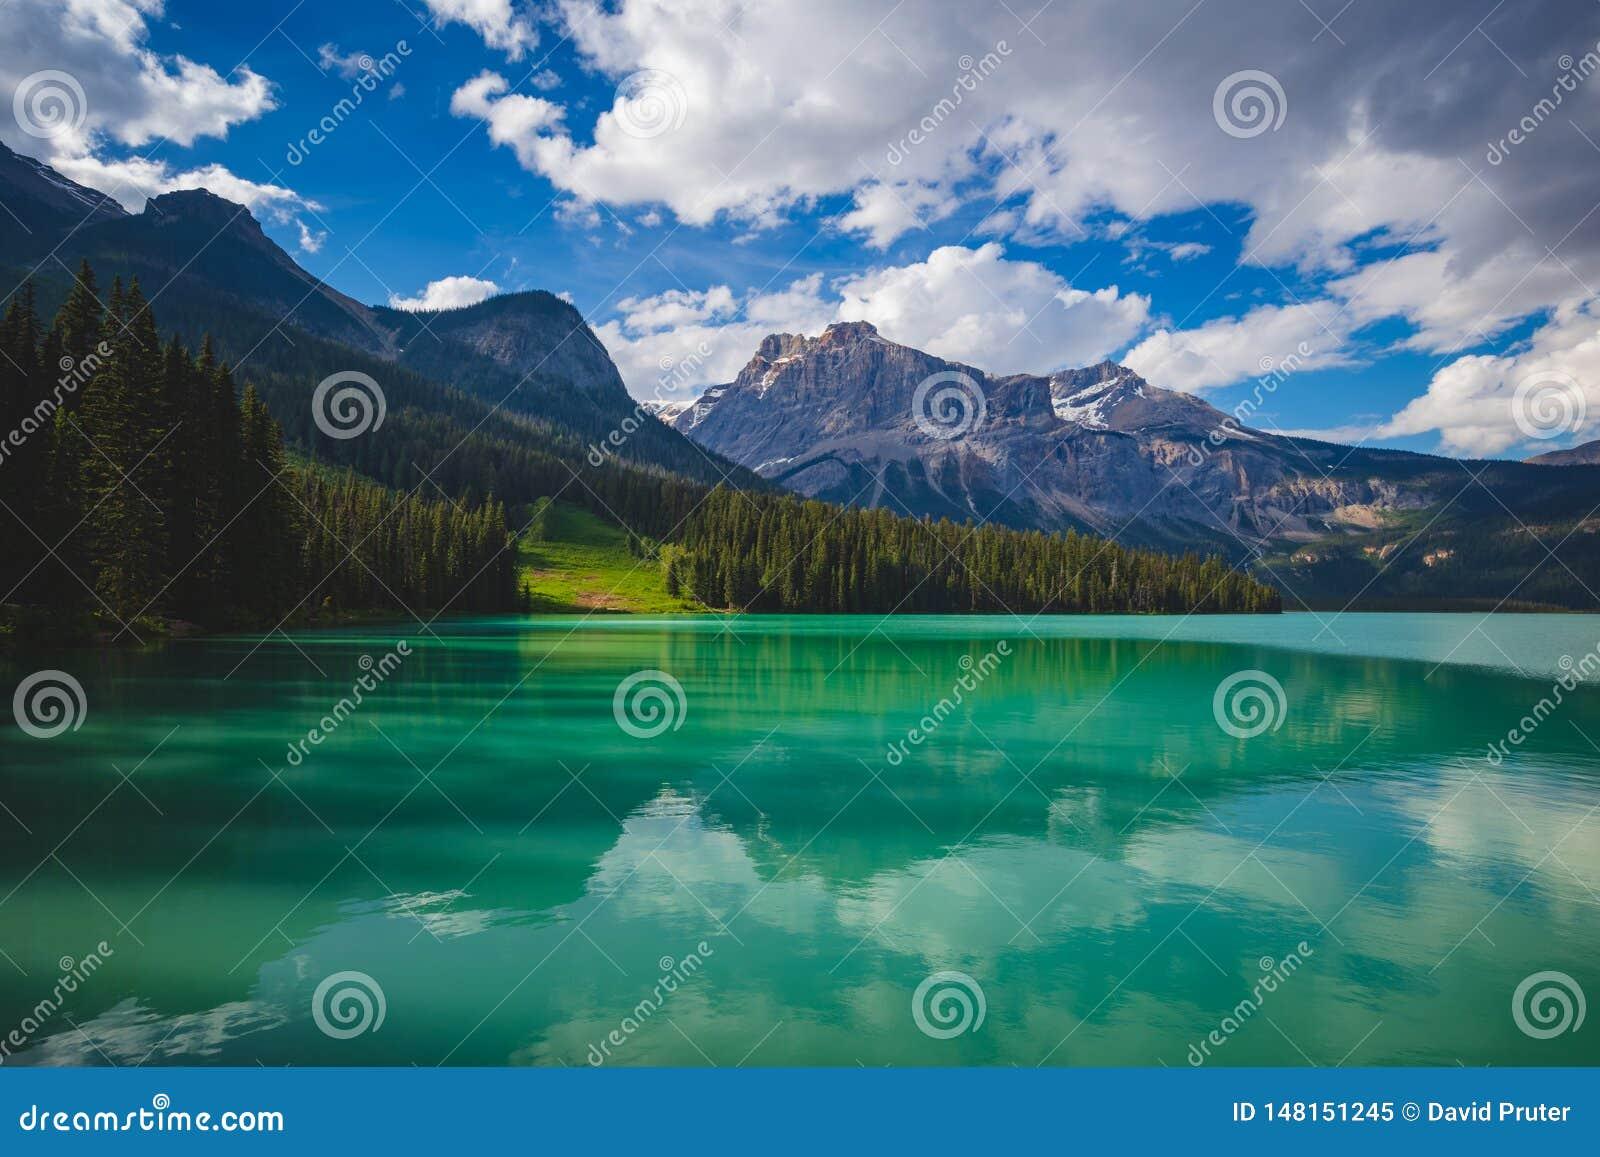 Emerald Lake Reflections